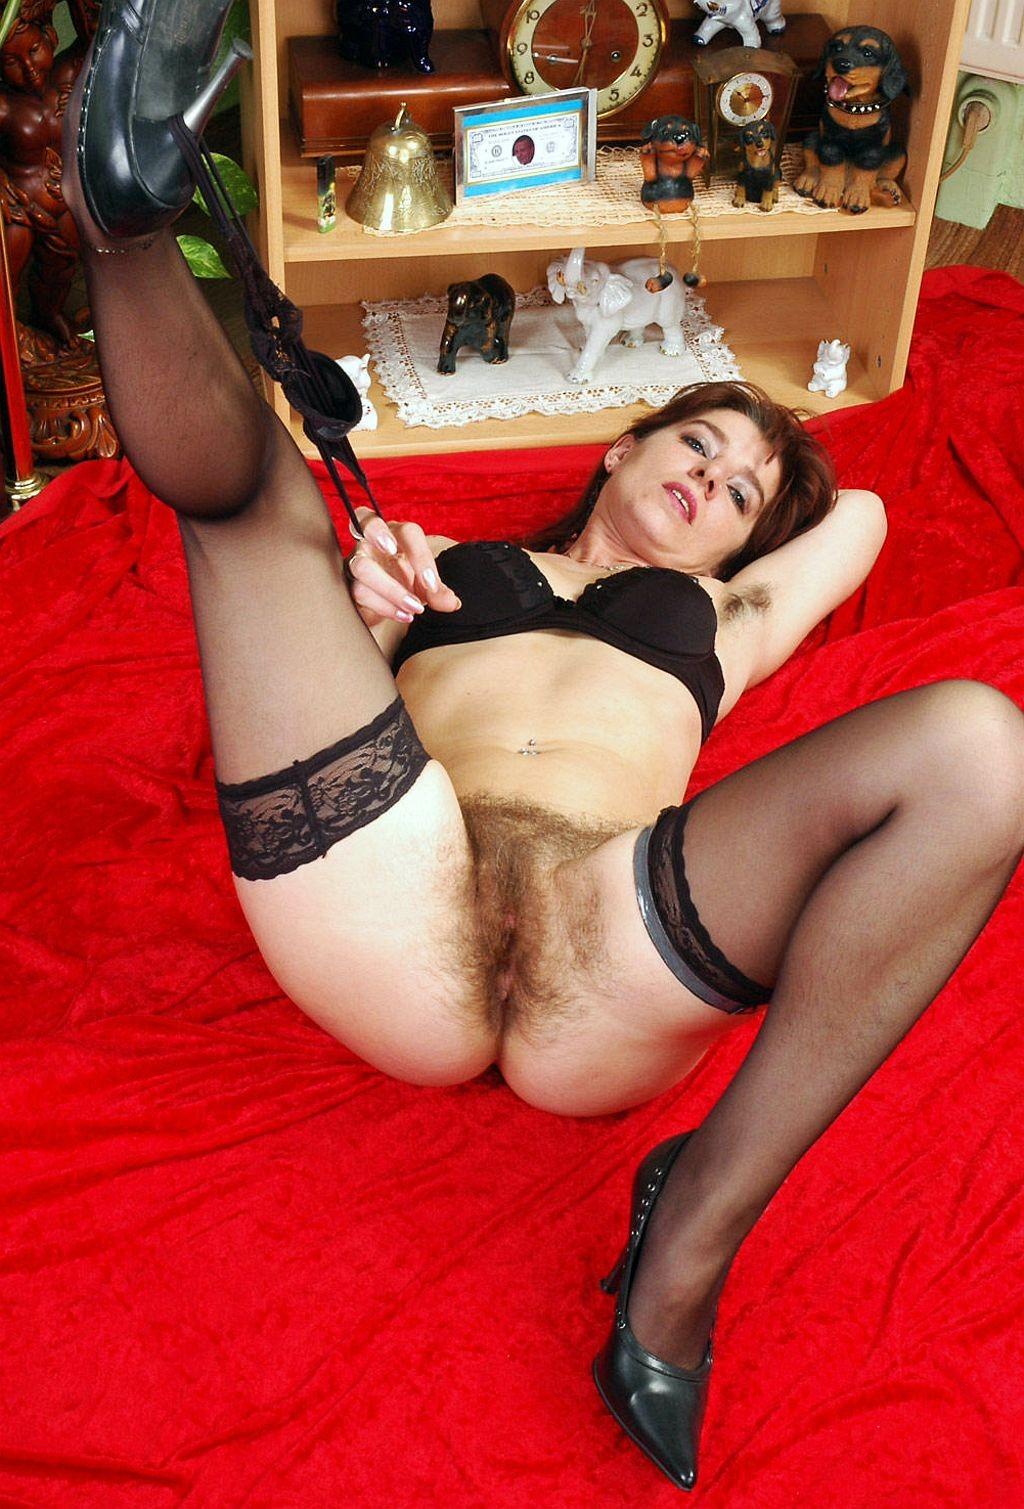 Sexbandanet ХХХ фото голых и эротика на СексБанде